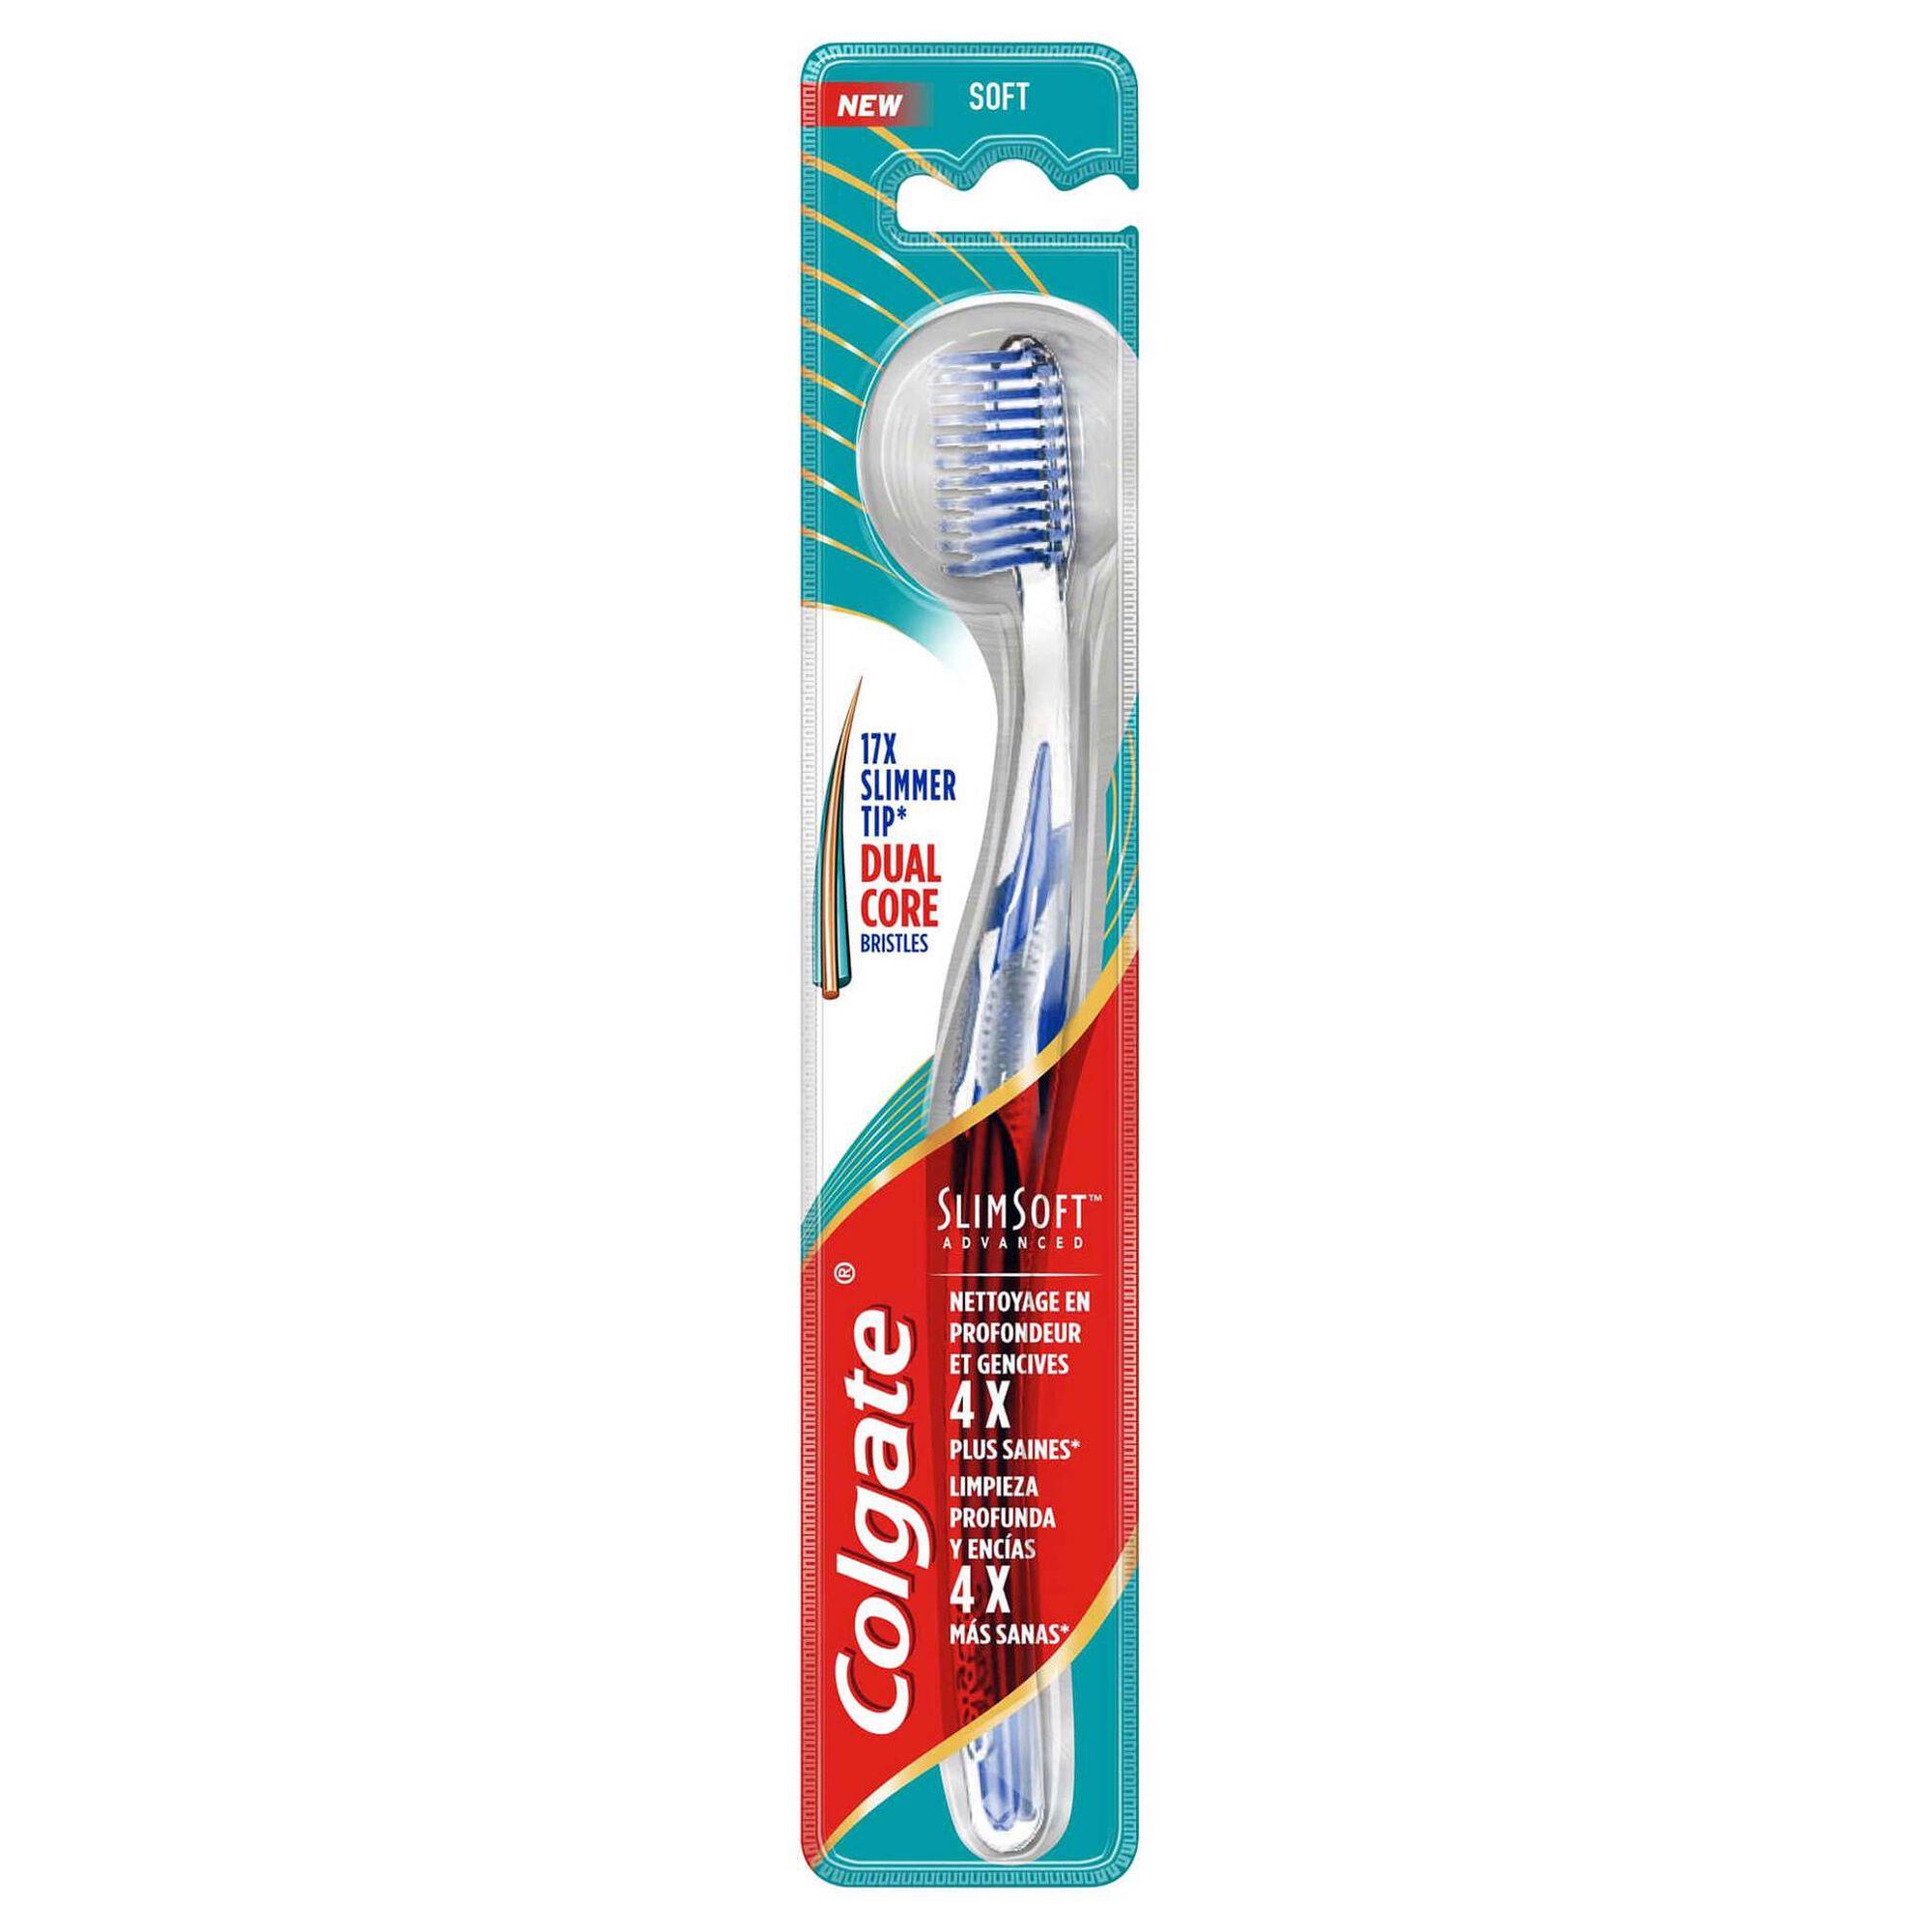 Escova de Dentes Slim&Soft Advance